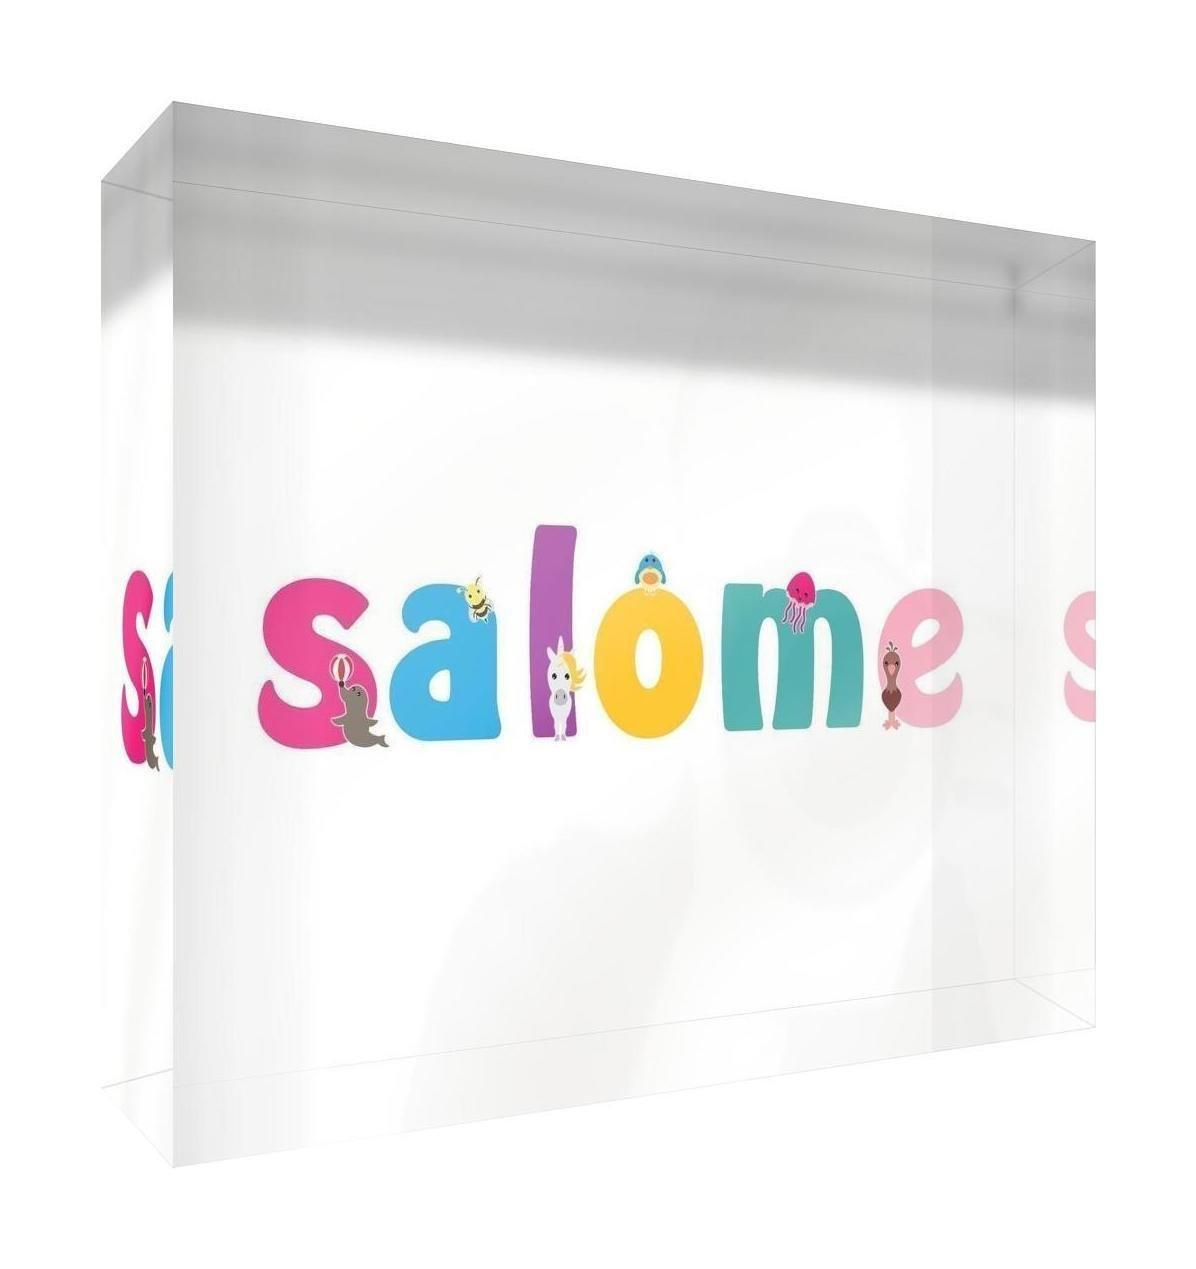 Little Helper Souvenir Décoratif en Acrylique Transparent Poli comme Diamant Style Illustratif Coloré avec le Nom de Jeune Fille Salome 5 x 15 x 2 cm Petit LHV-SALOME-515BLK-15FR